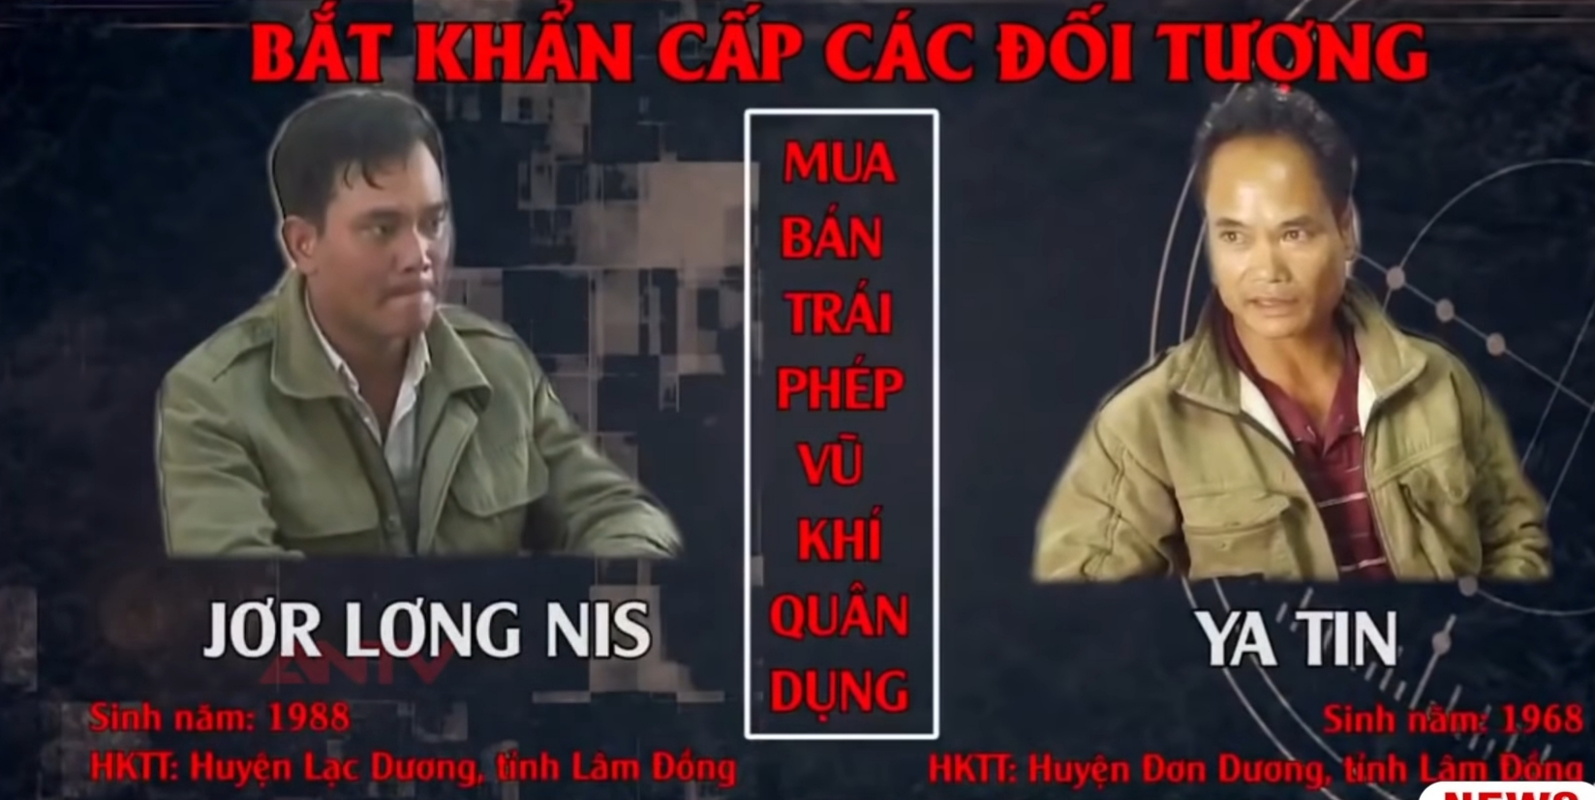 Hanh trinh pha an: Tu thi ben dong suoi to cao ke sat nhan mau lanh-Hinh-24